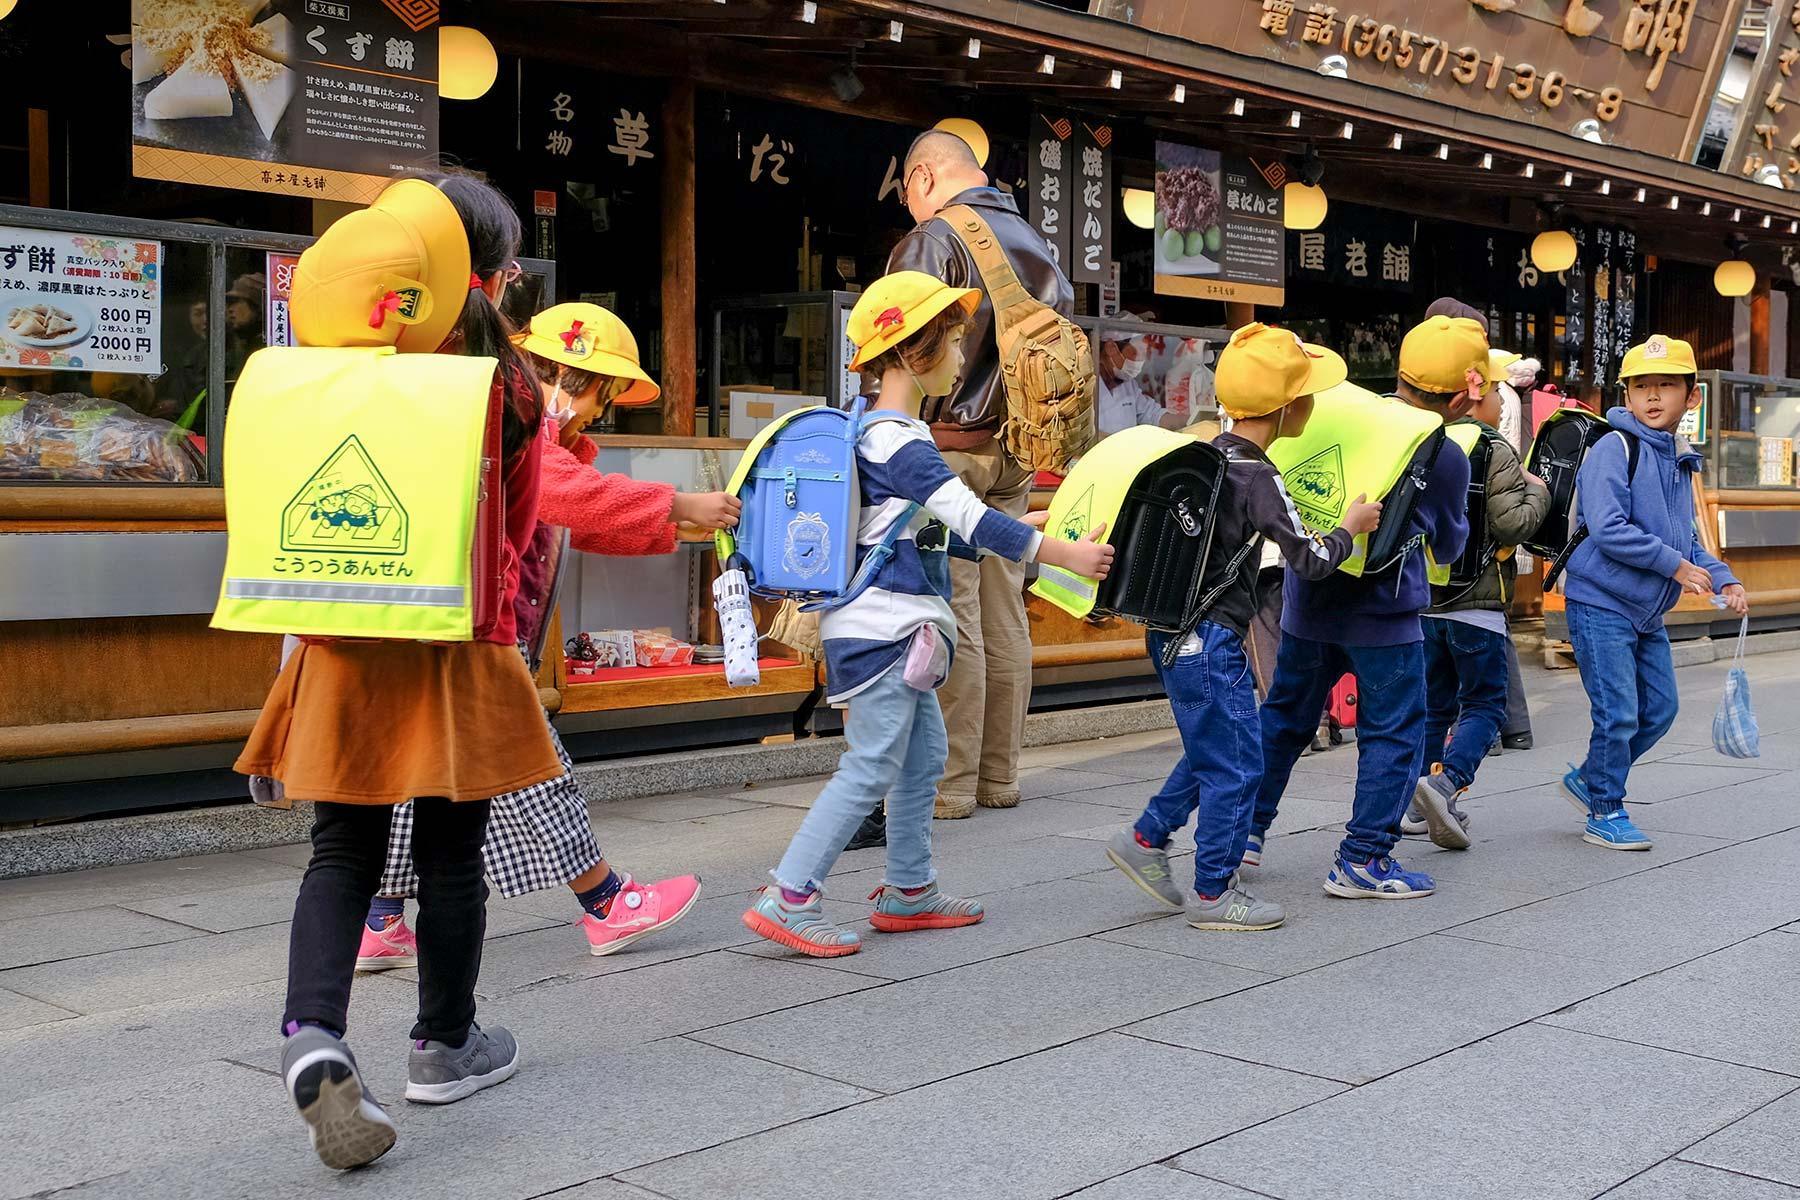 Grundschulkinder in Japan als 'Zug' unterwegs